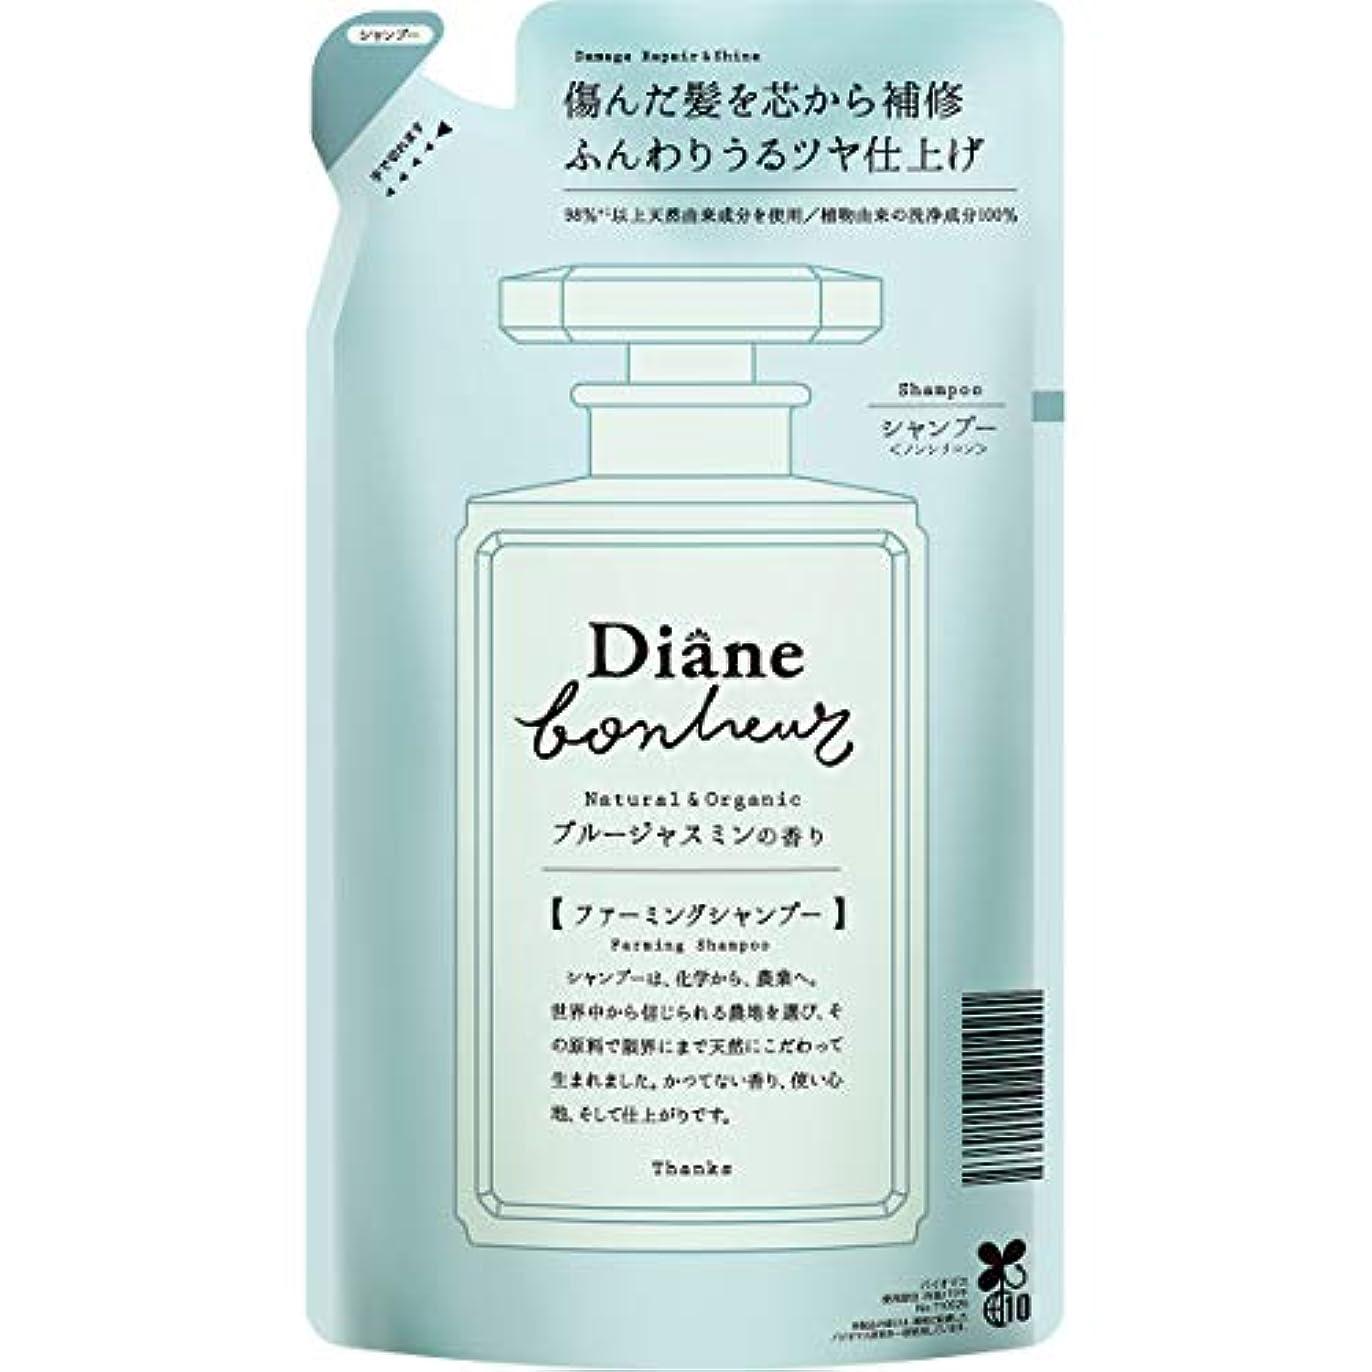 眠っているラッチ機転ダイアン ボヌール シャンプー ブルージャスミンの香り ダメージリペア&シャイン 詰め替え 400ml